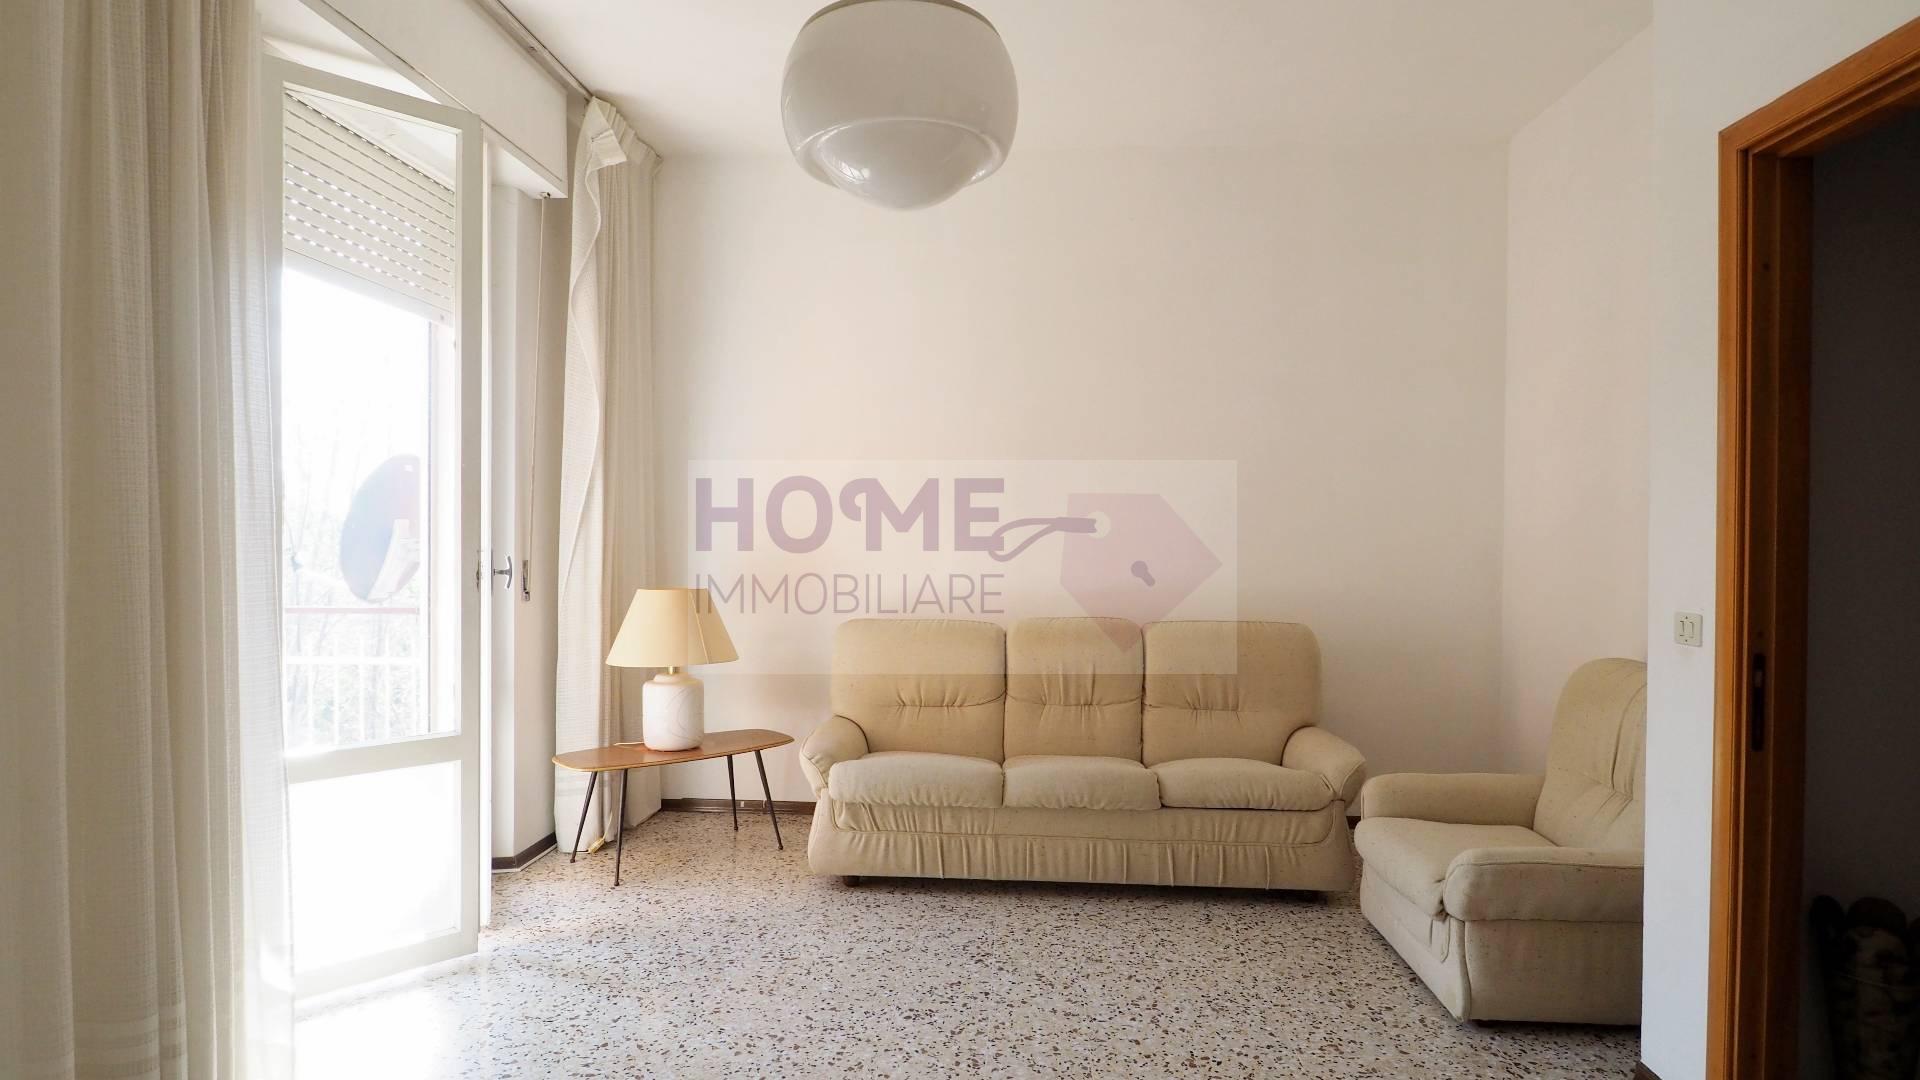 macerata vendita quart: zona collevario home immobiliare srl